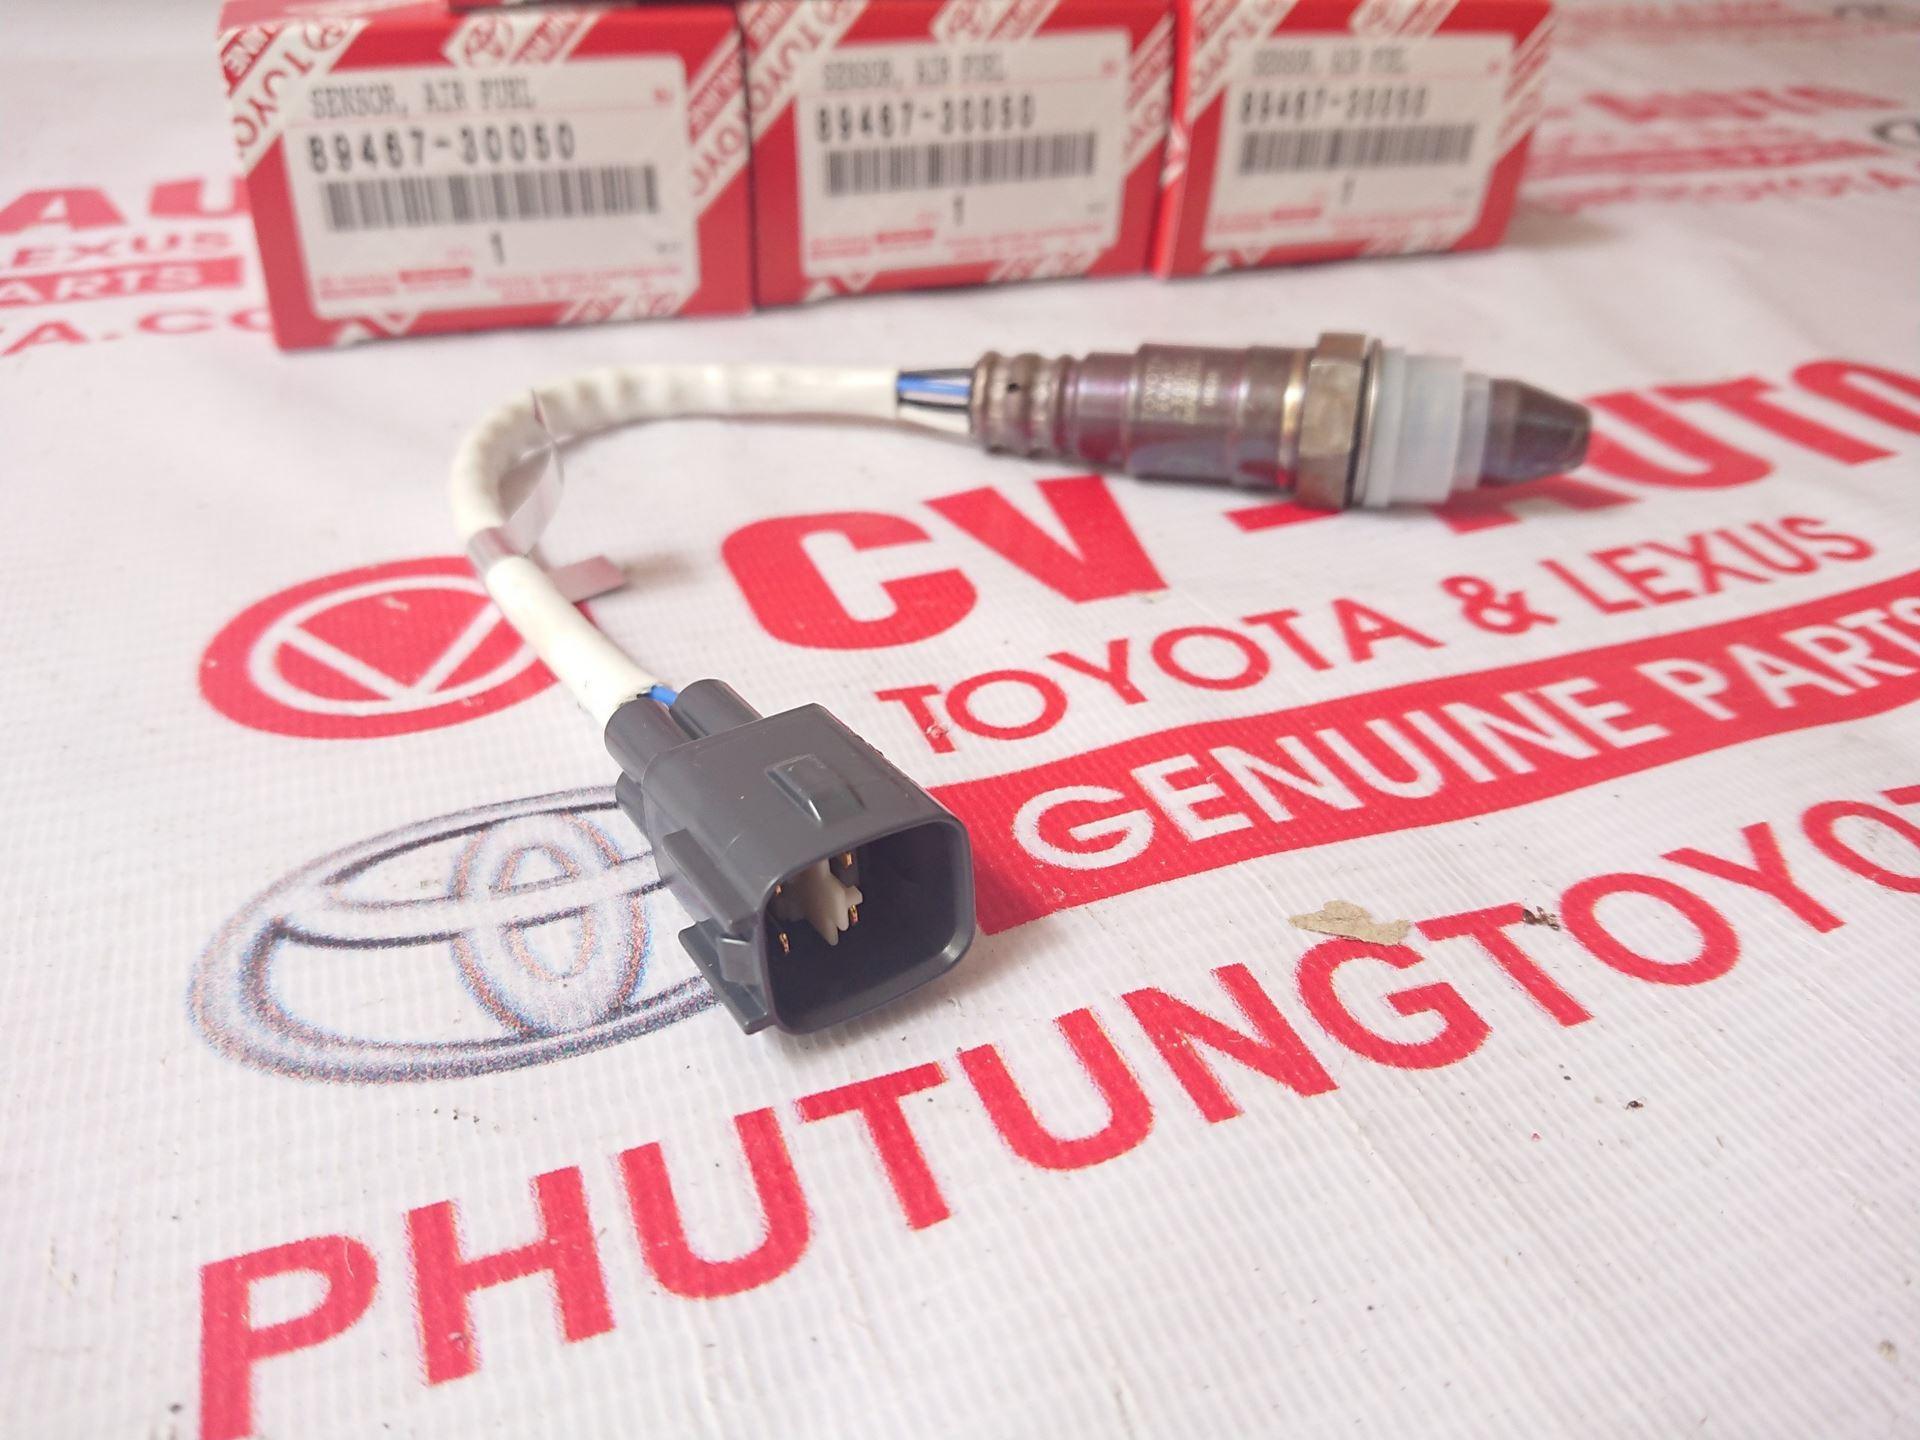 Picture of 89467-30050 8946730050 Cảm biến AF, Cảm biến hỗn hợp khí nạp Toyota Vios, Yaris chính hãng